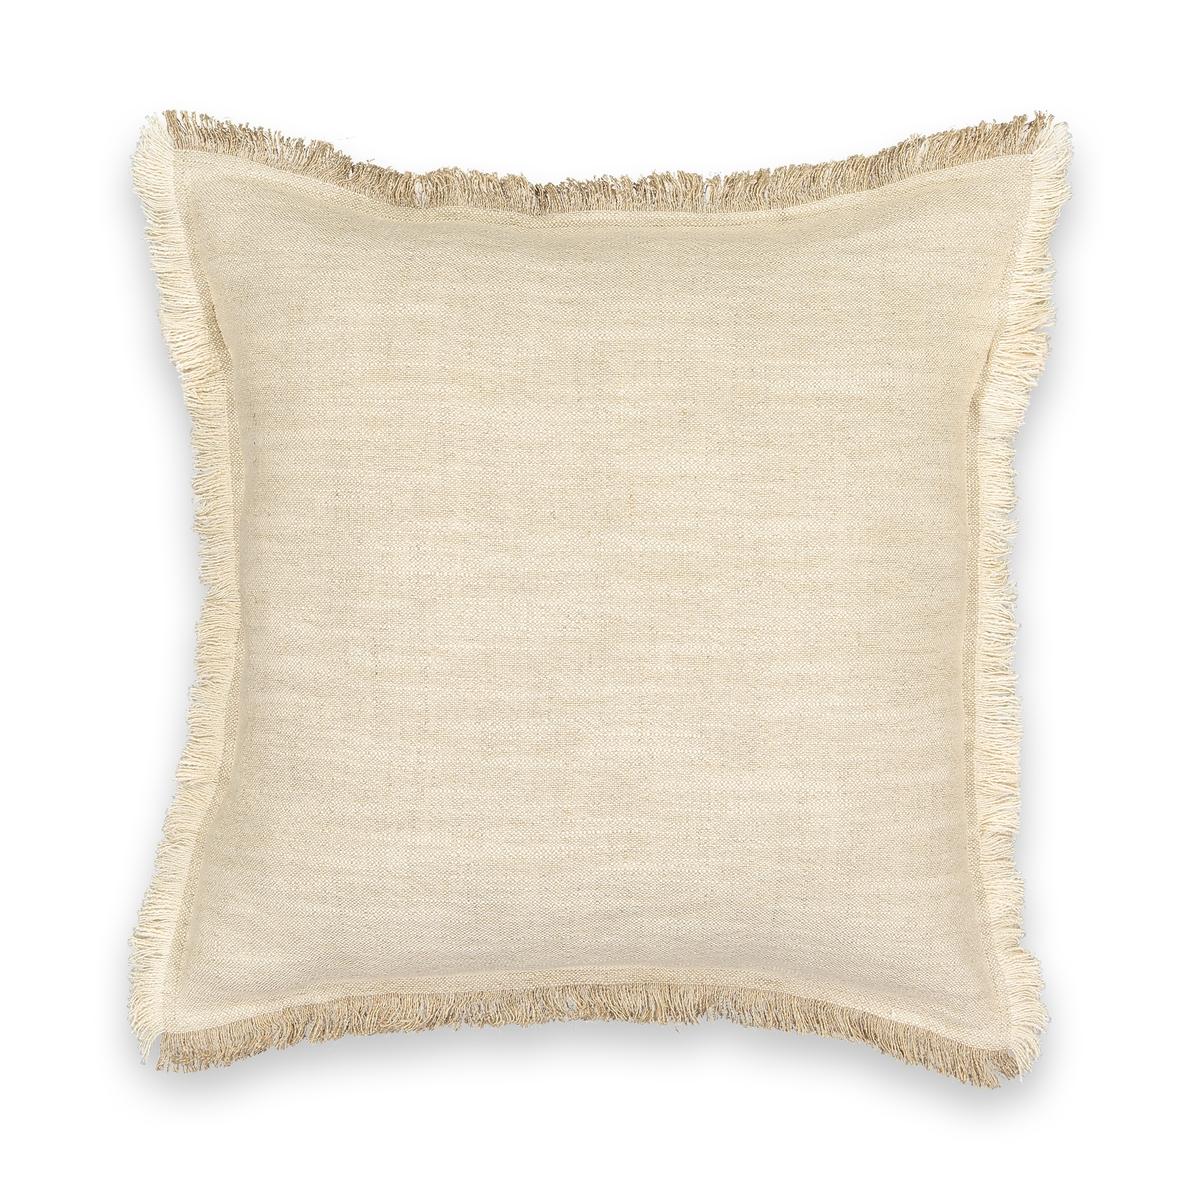 Чехол La Redoute На подушку из льна и хлопка Kamsy 50 x 50 см бежевый комплект из полотенце для la redoute рук из хлопка и льна nipaly 50 x 100 см белый